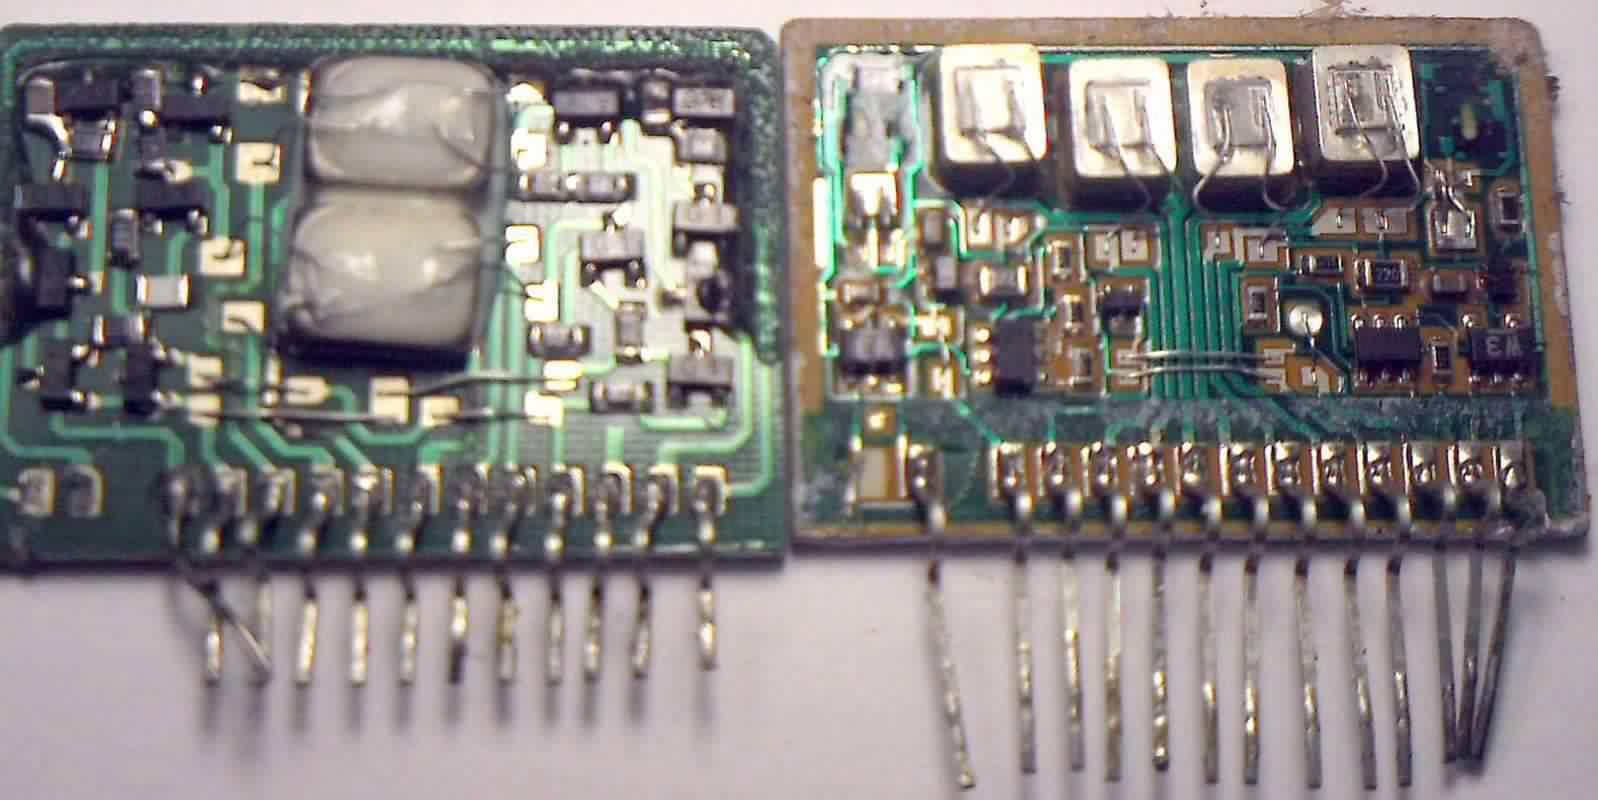 Circuito integrado STK402-070 falsificado, a la izquierda y original, a la derecha.